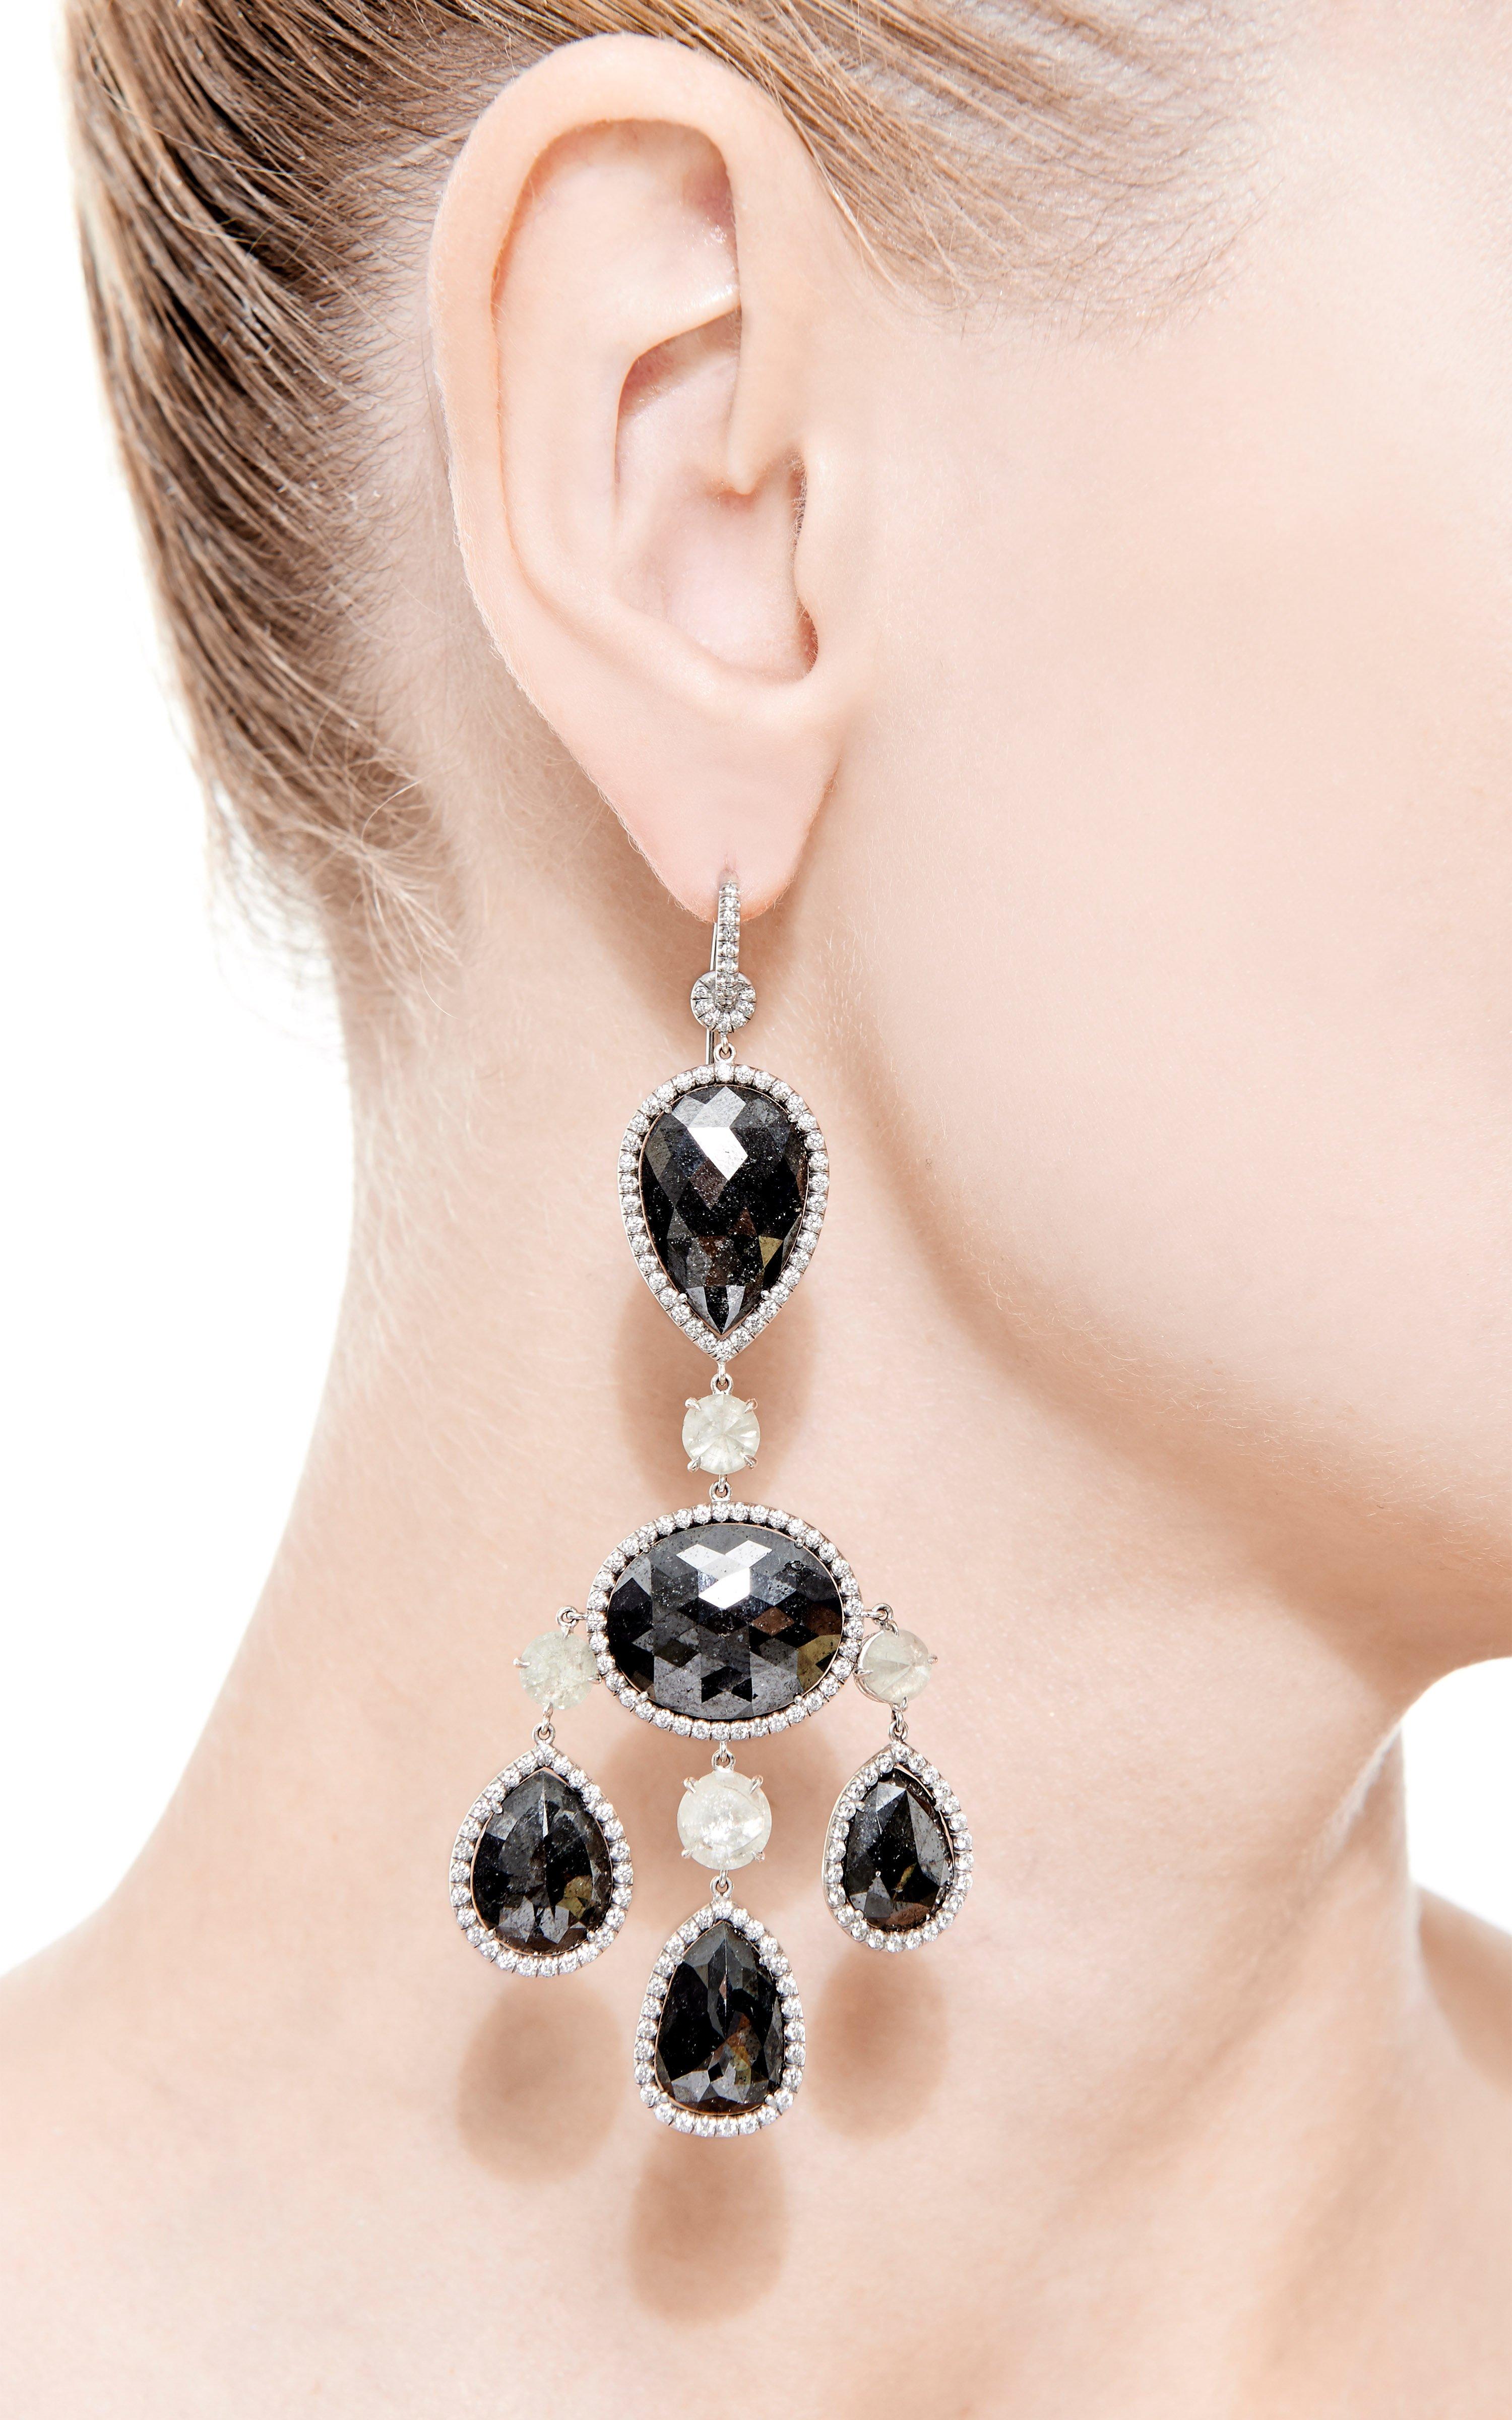 Nina runsdorf 18K White Gold And Black Diamond Chandelier Earrings ...